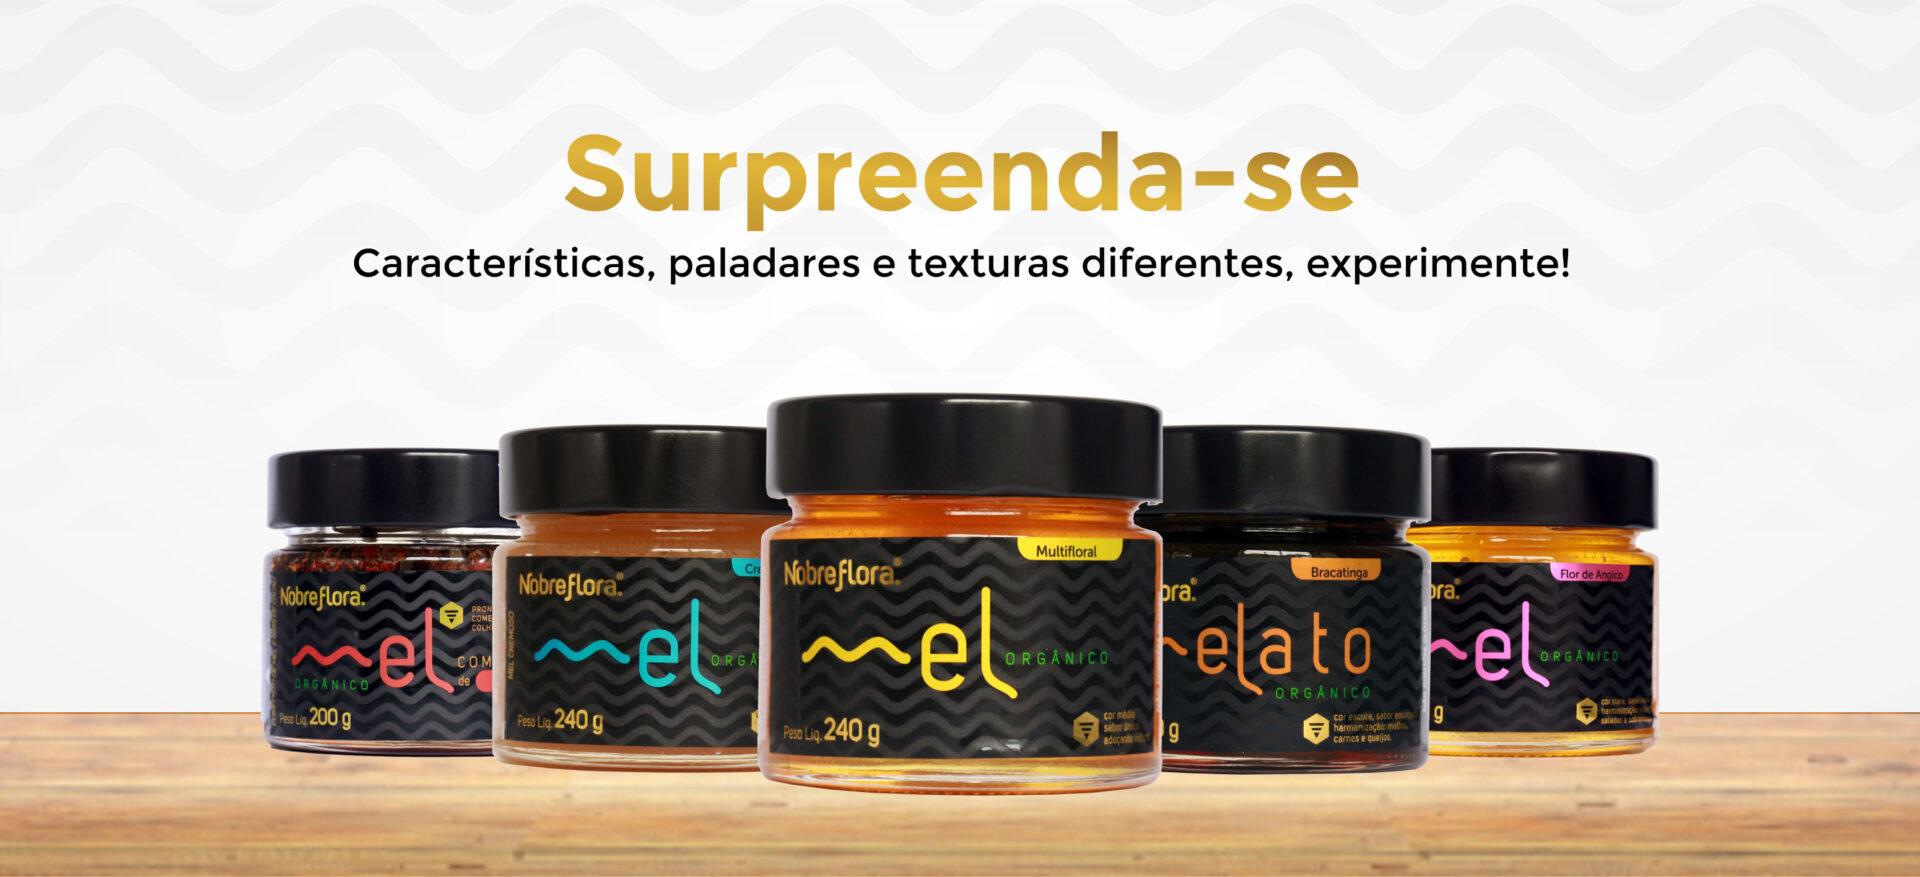 mel-e-melato-100-por-cento-natural-e-organico-linha-nobreflora-breyer-um-show-de-sabores-full-banner